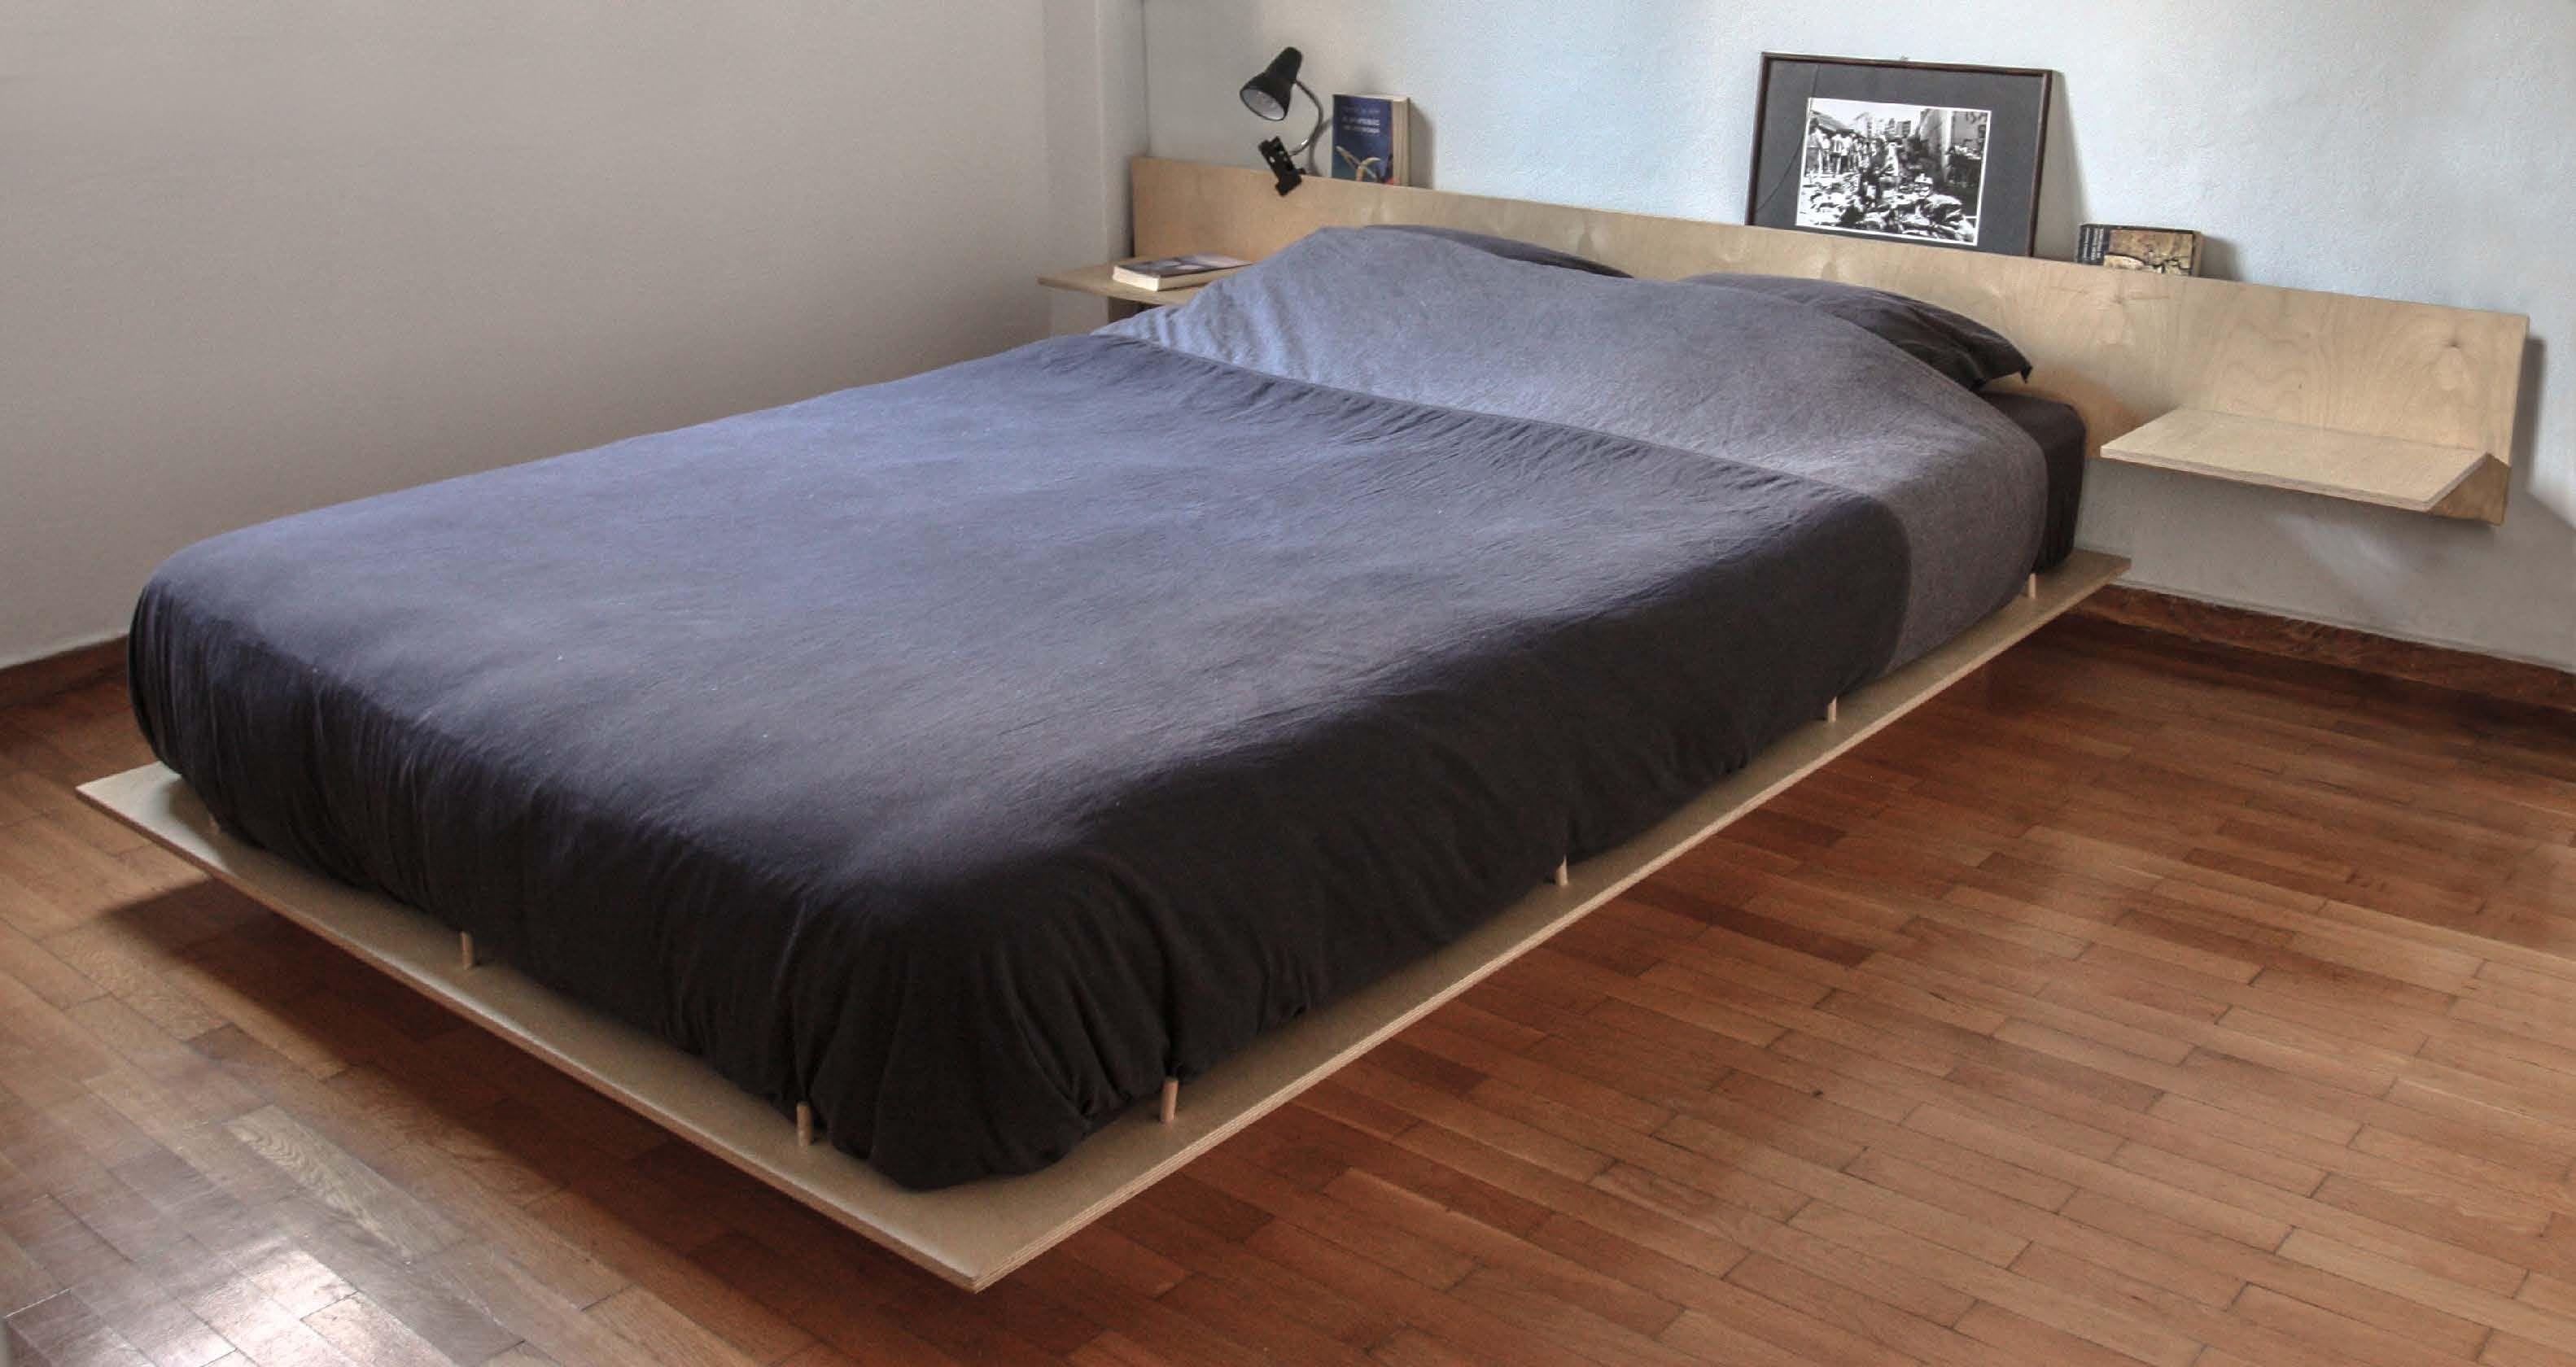 Plywood Floating Bed Floating Bed Furniture Design Furniture